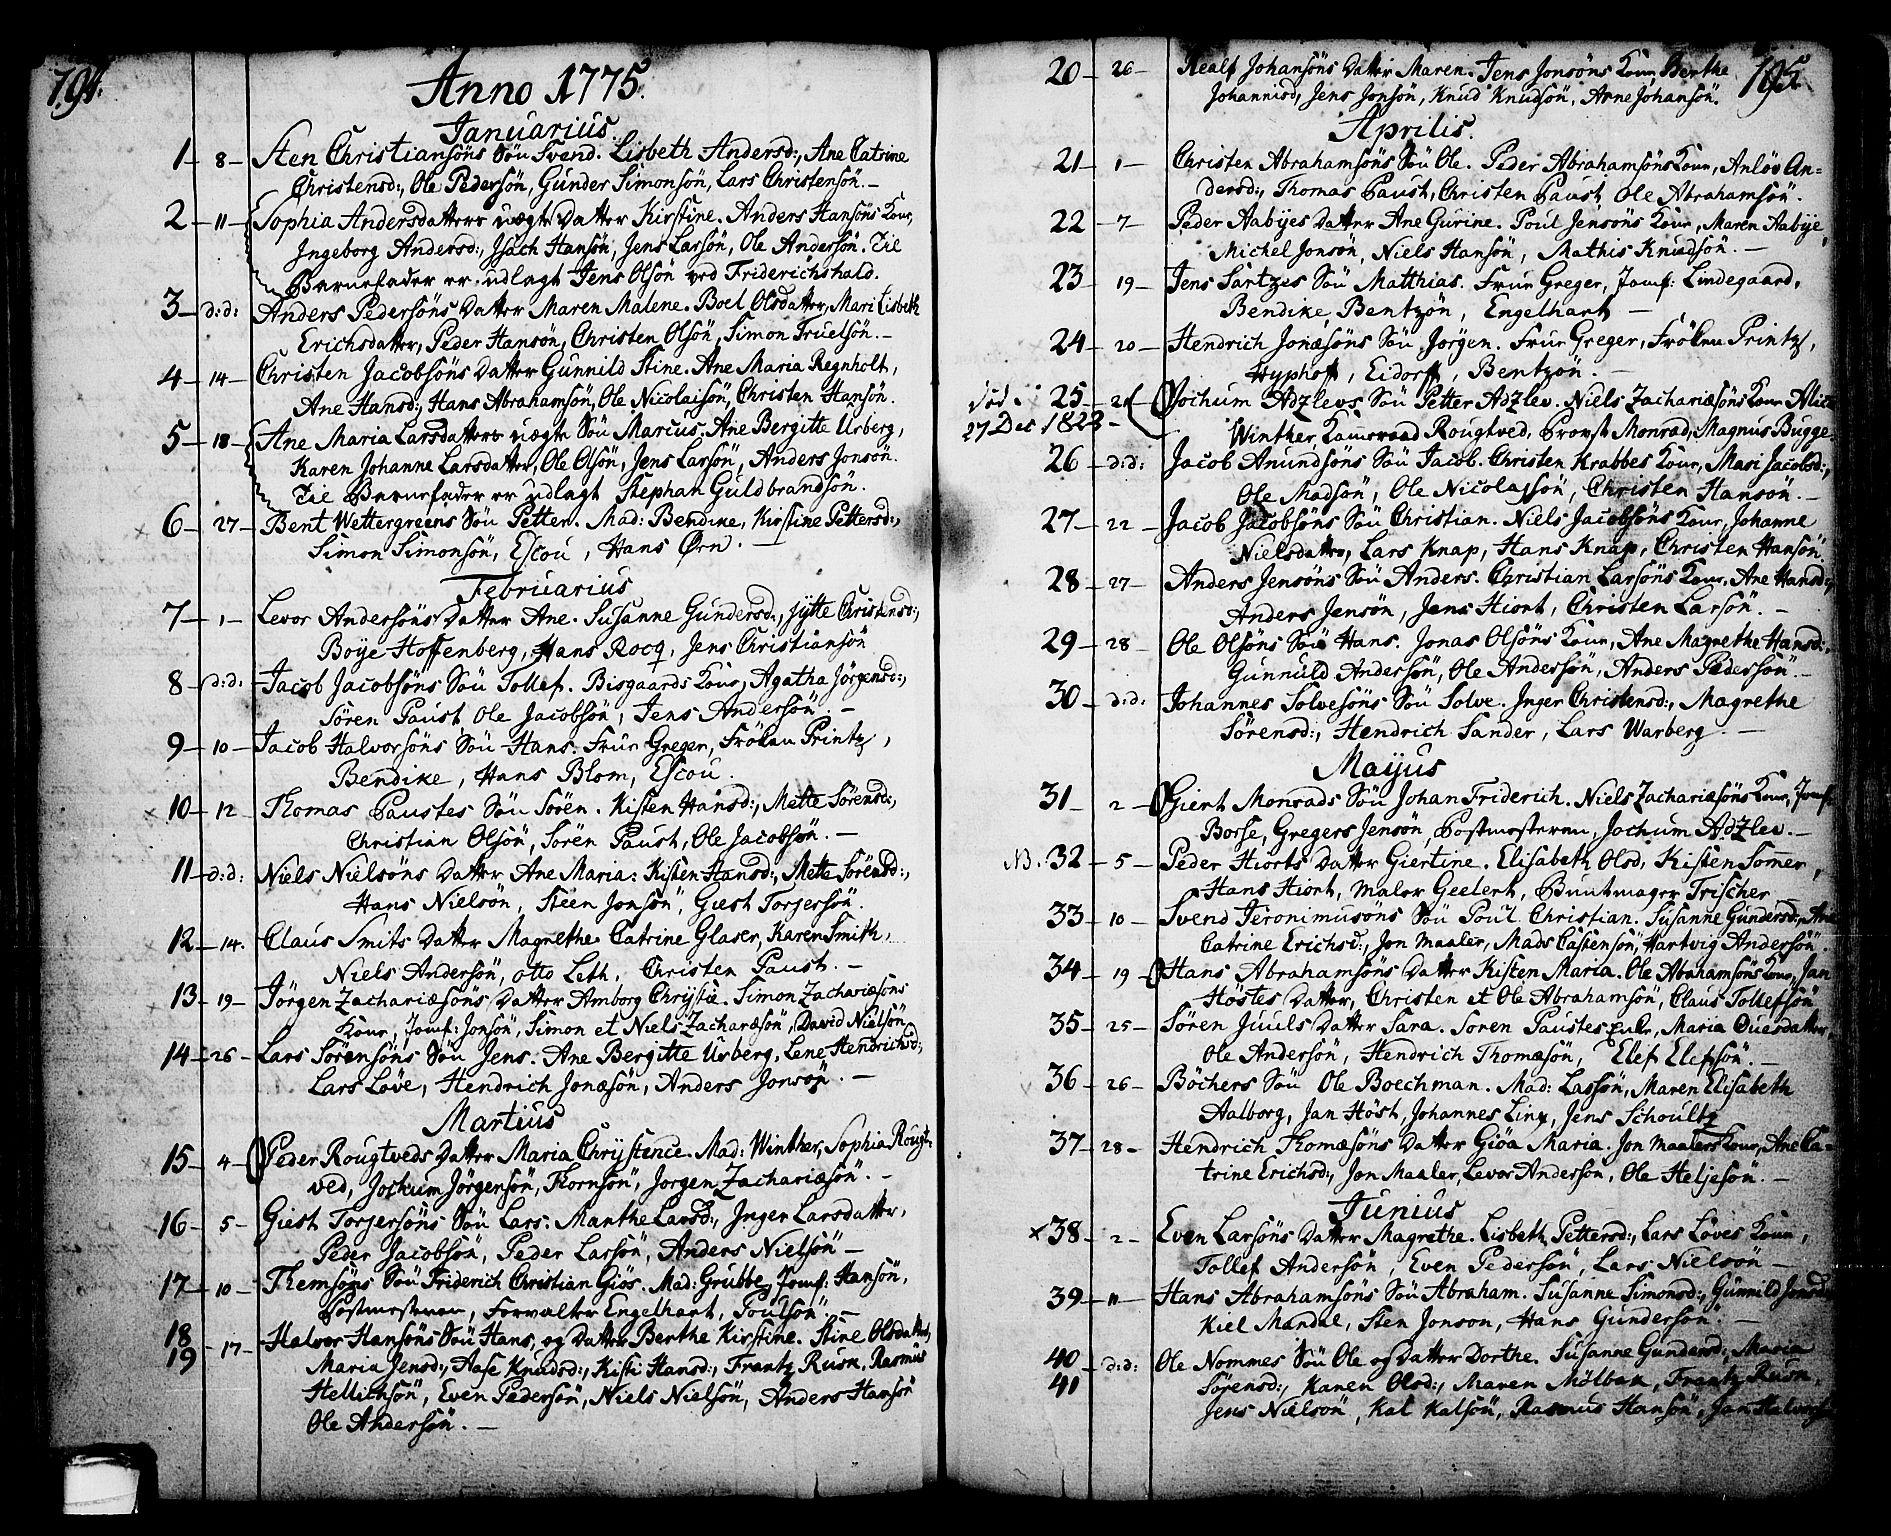 SAKO, Skien kirkebøker, F/Fa/L0003: Ministerialbok nr. 3, 1755-1791, s. 194-195